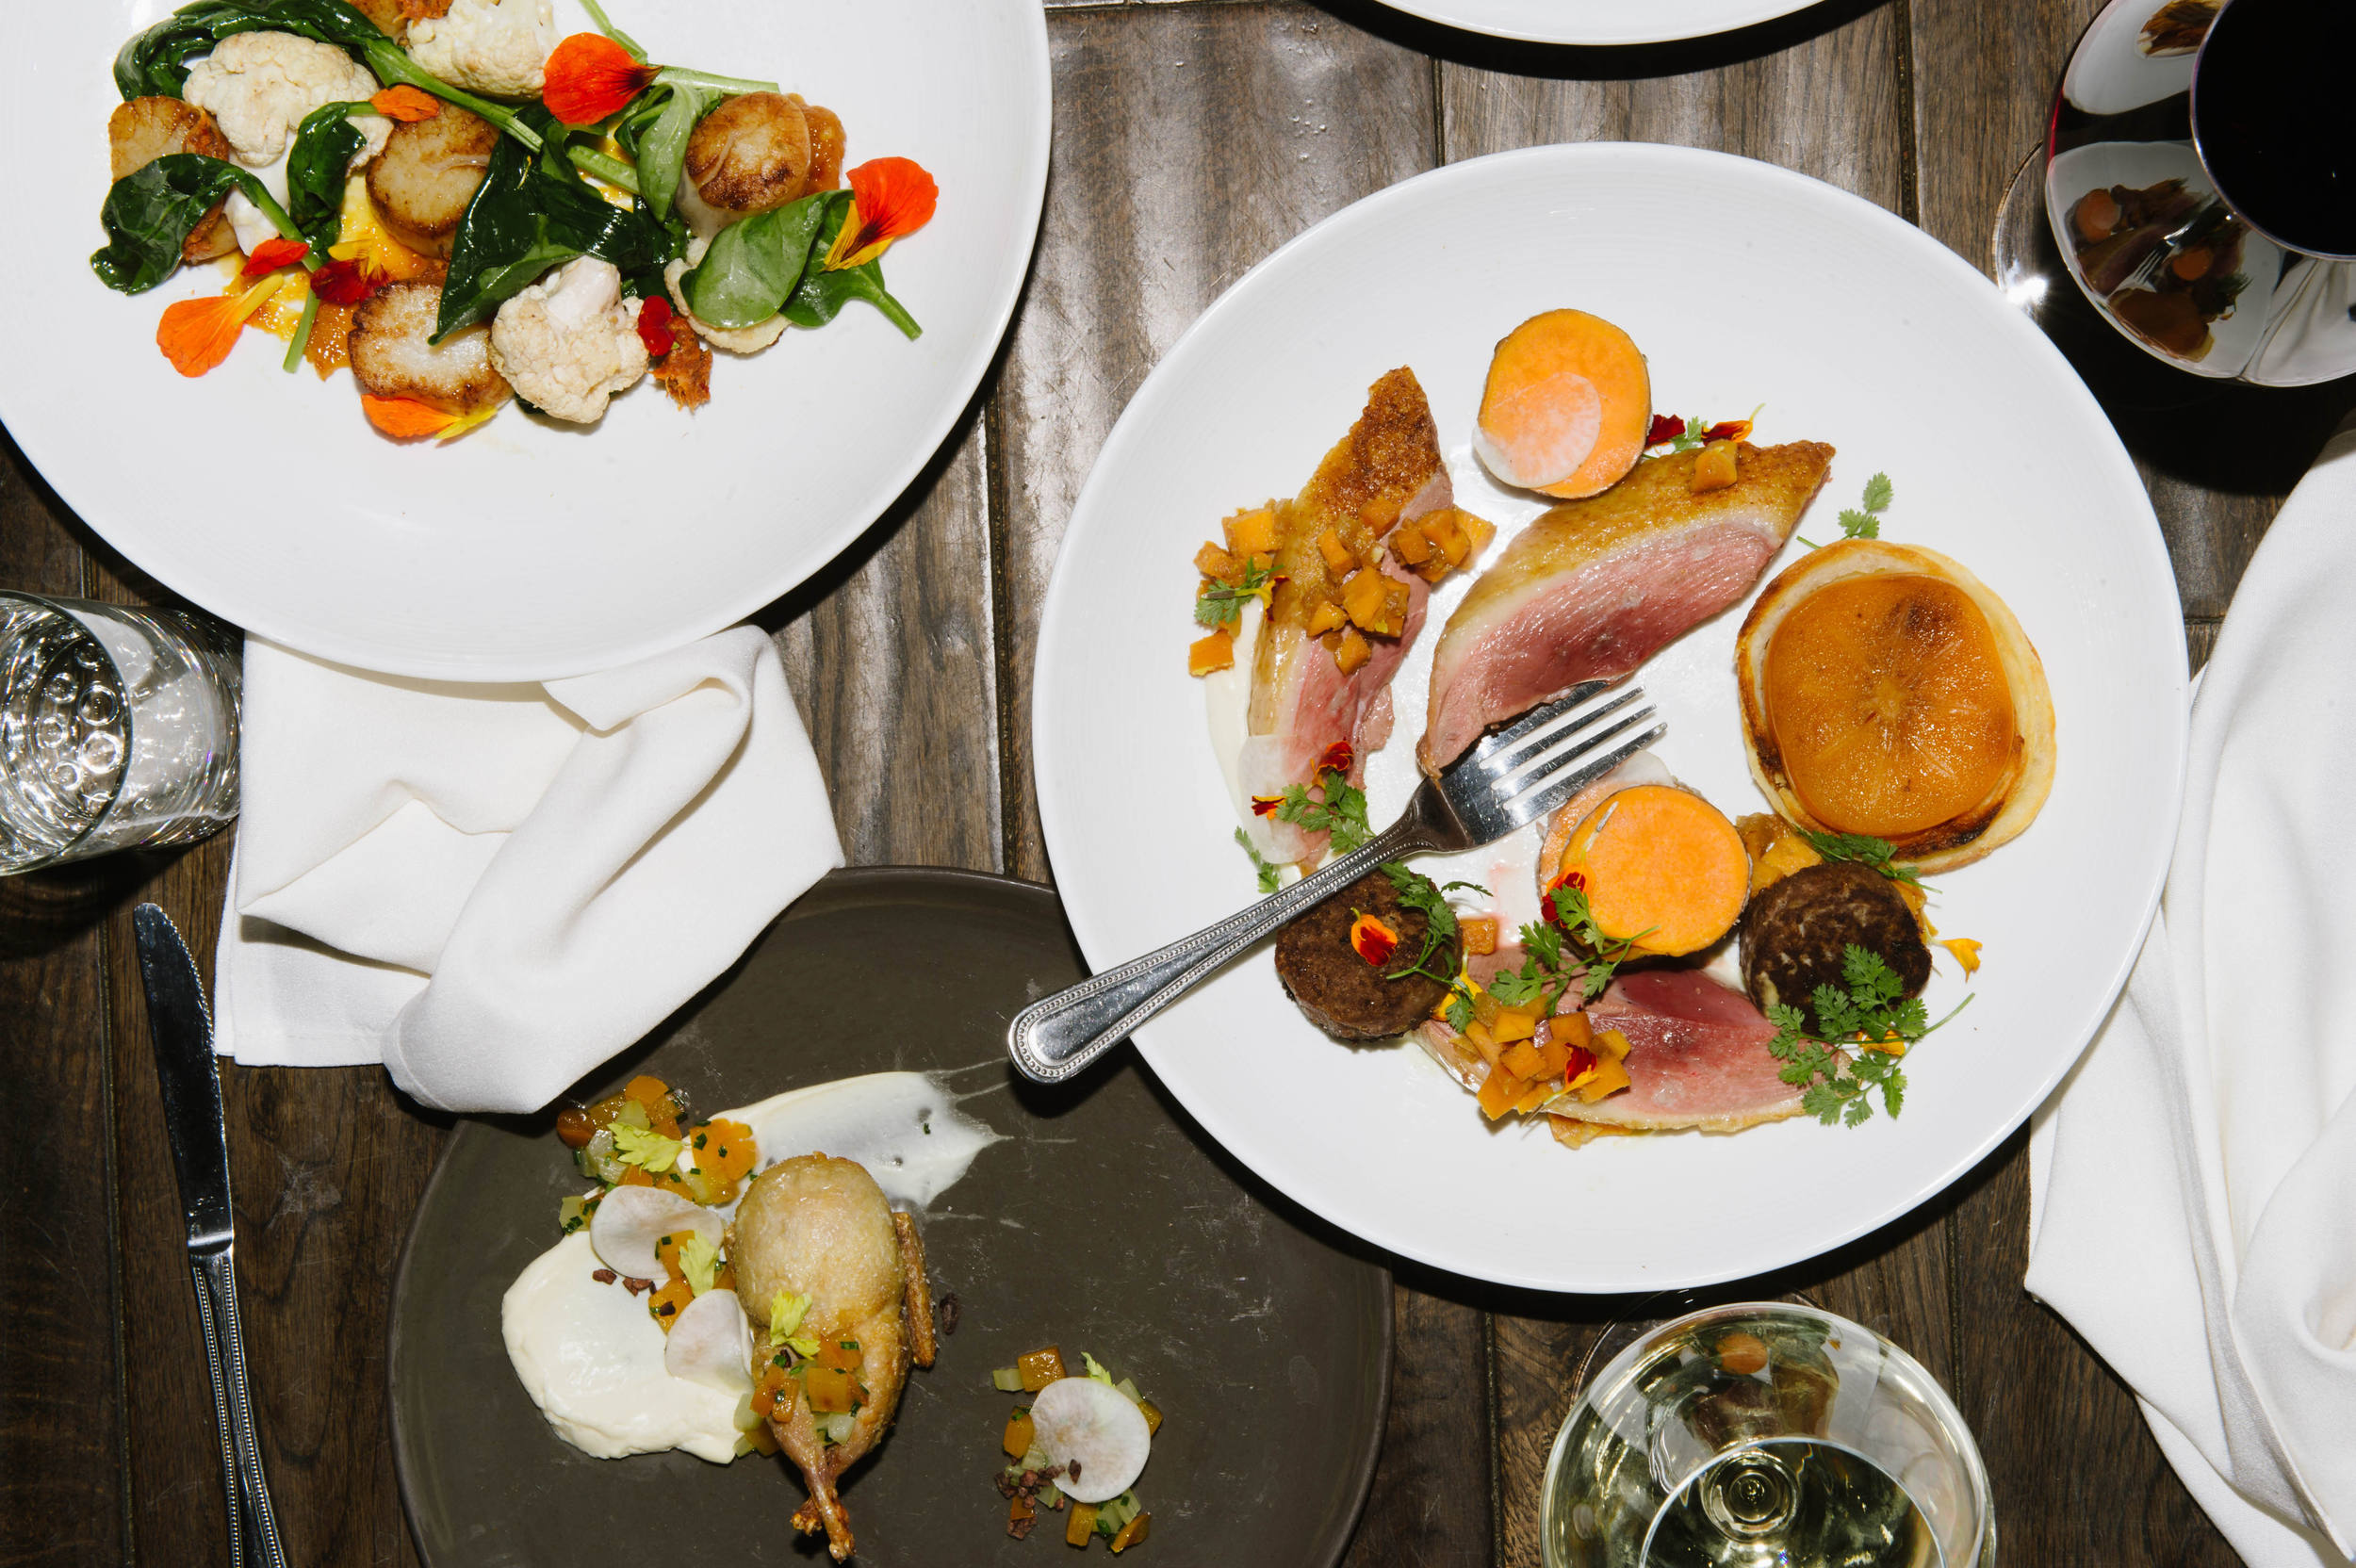 Ceia_Brine_Restaurant028.JPG